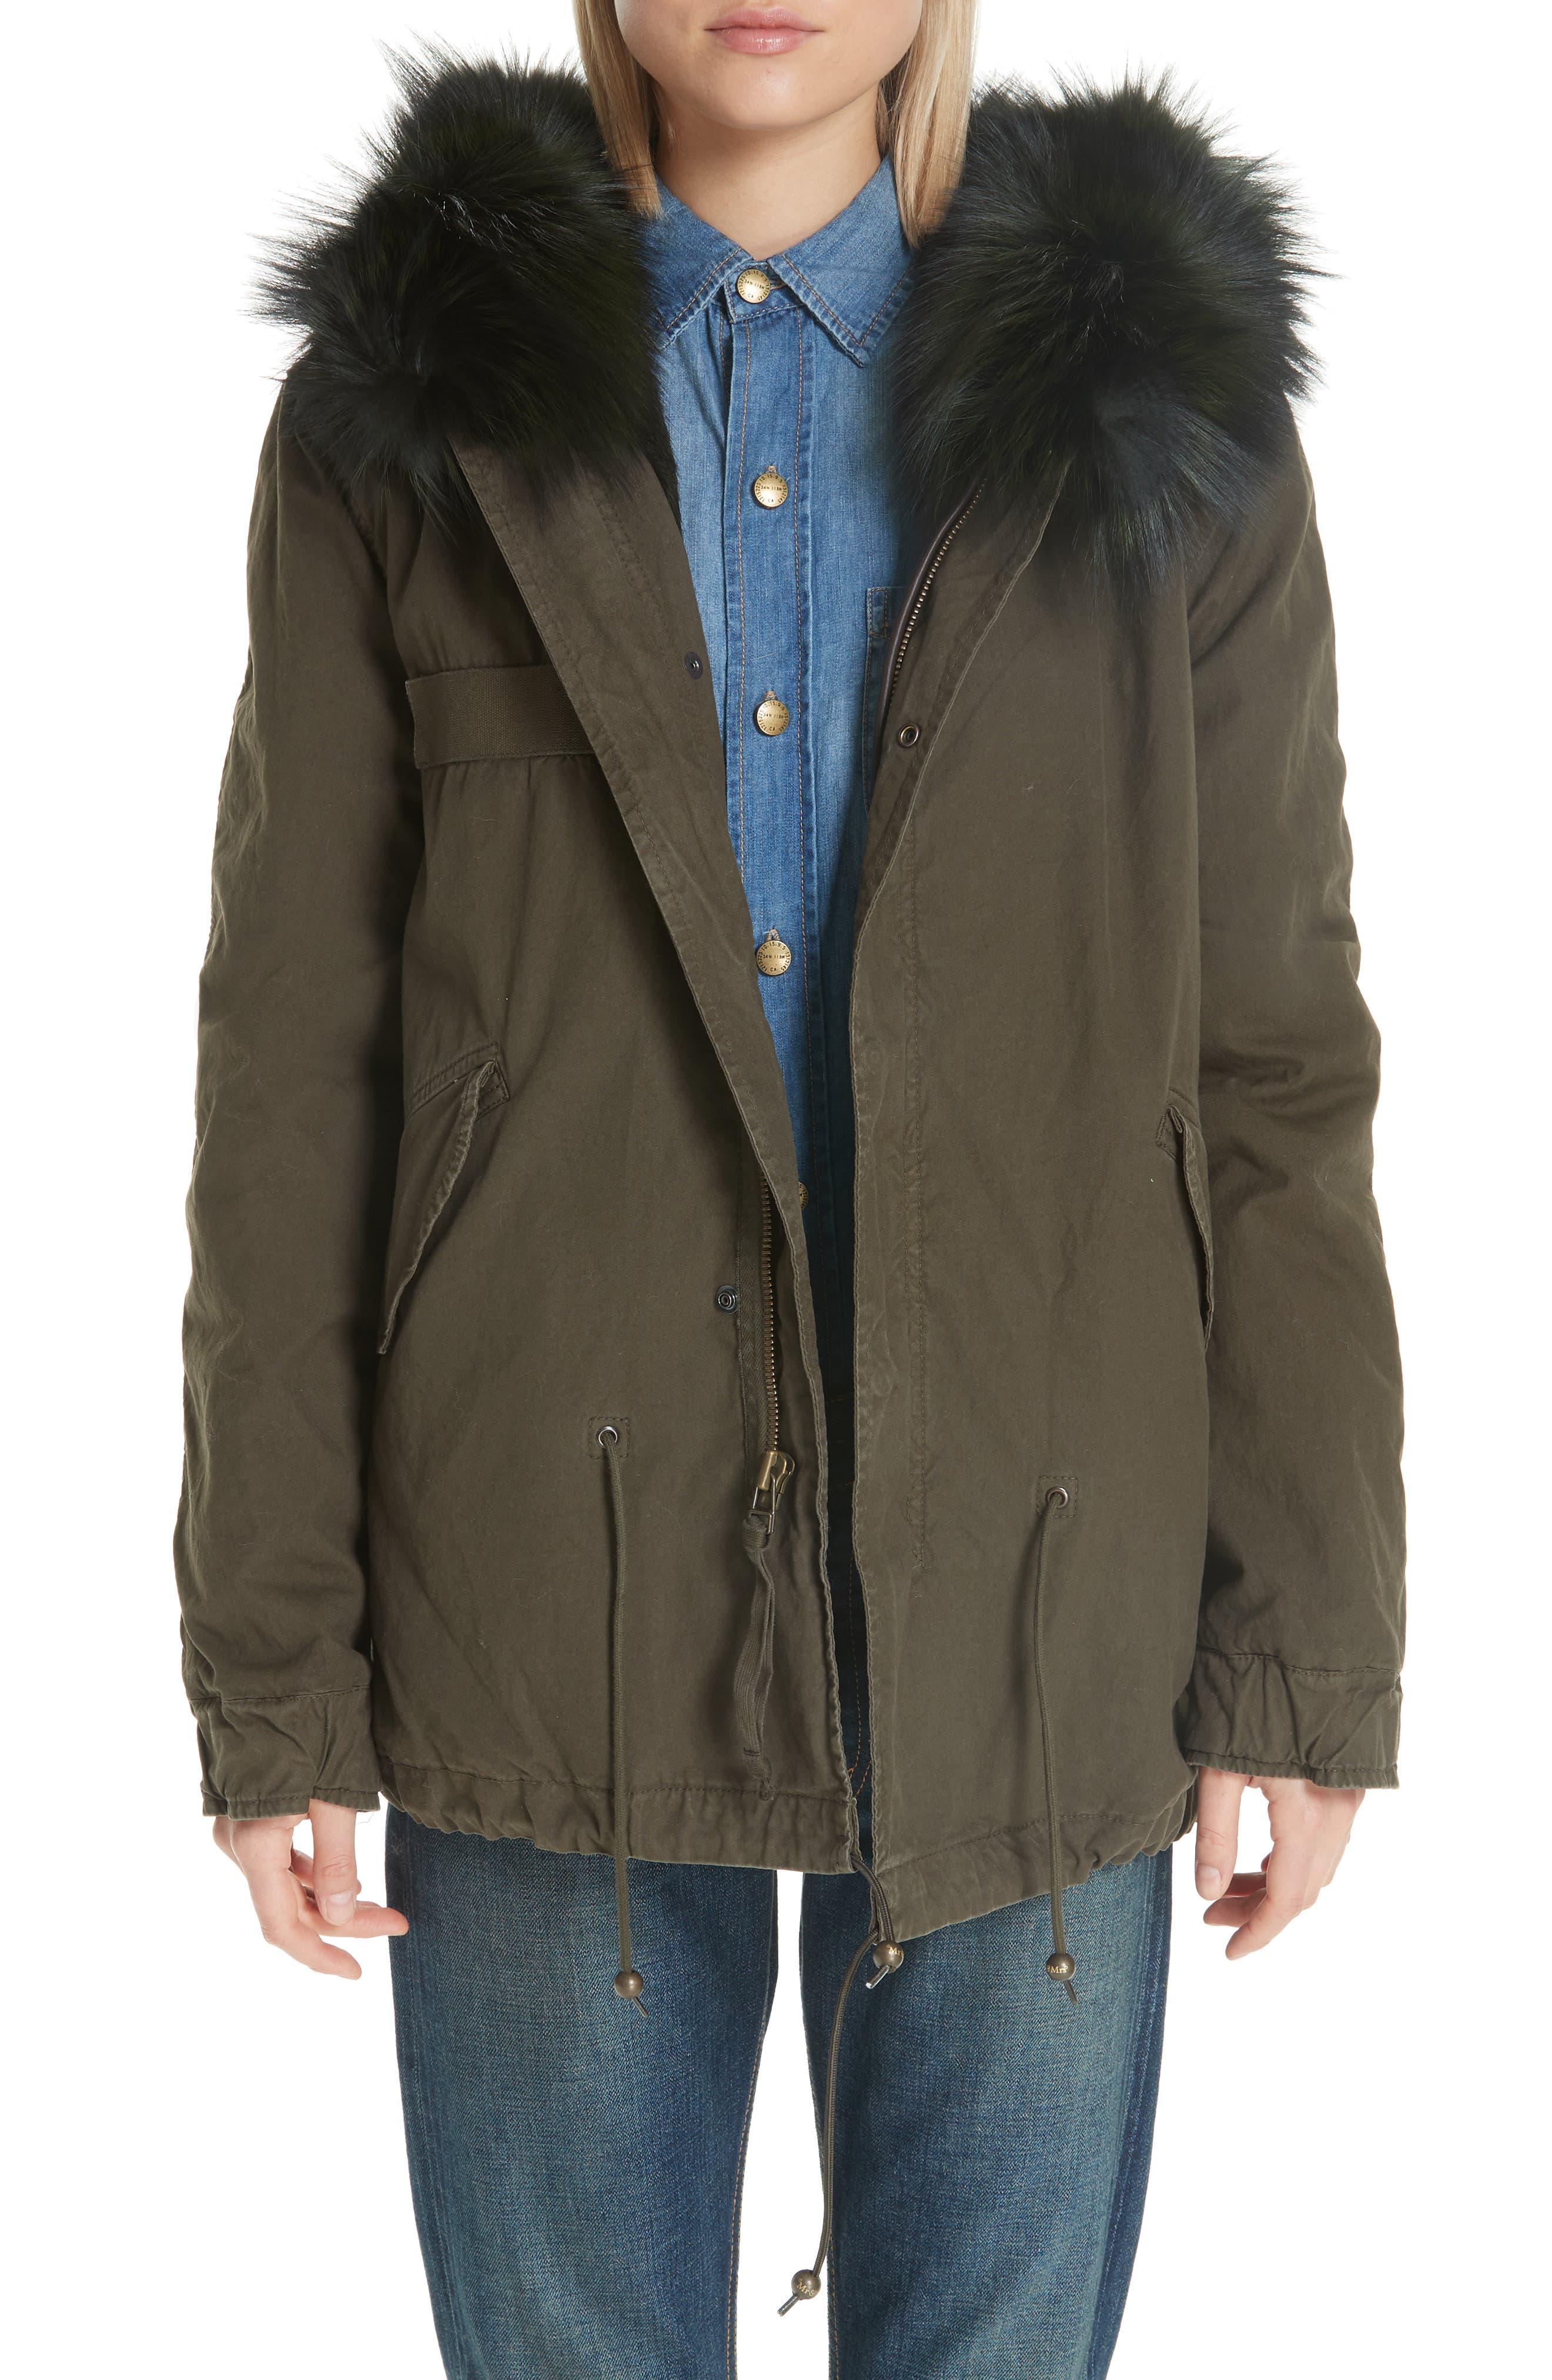 0cdb7e350 Women's Mr & Mrs Italy Coats & Jackets | Nordstrom